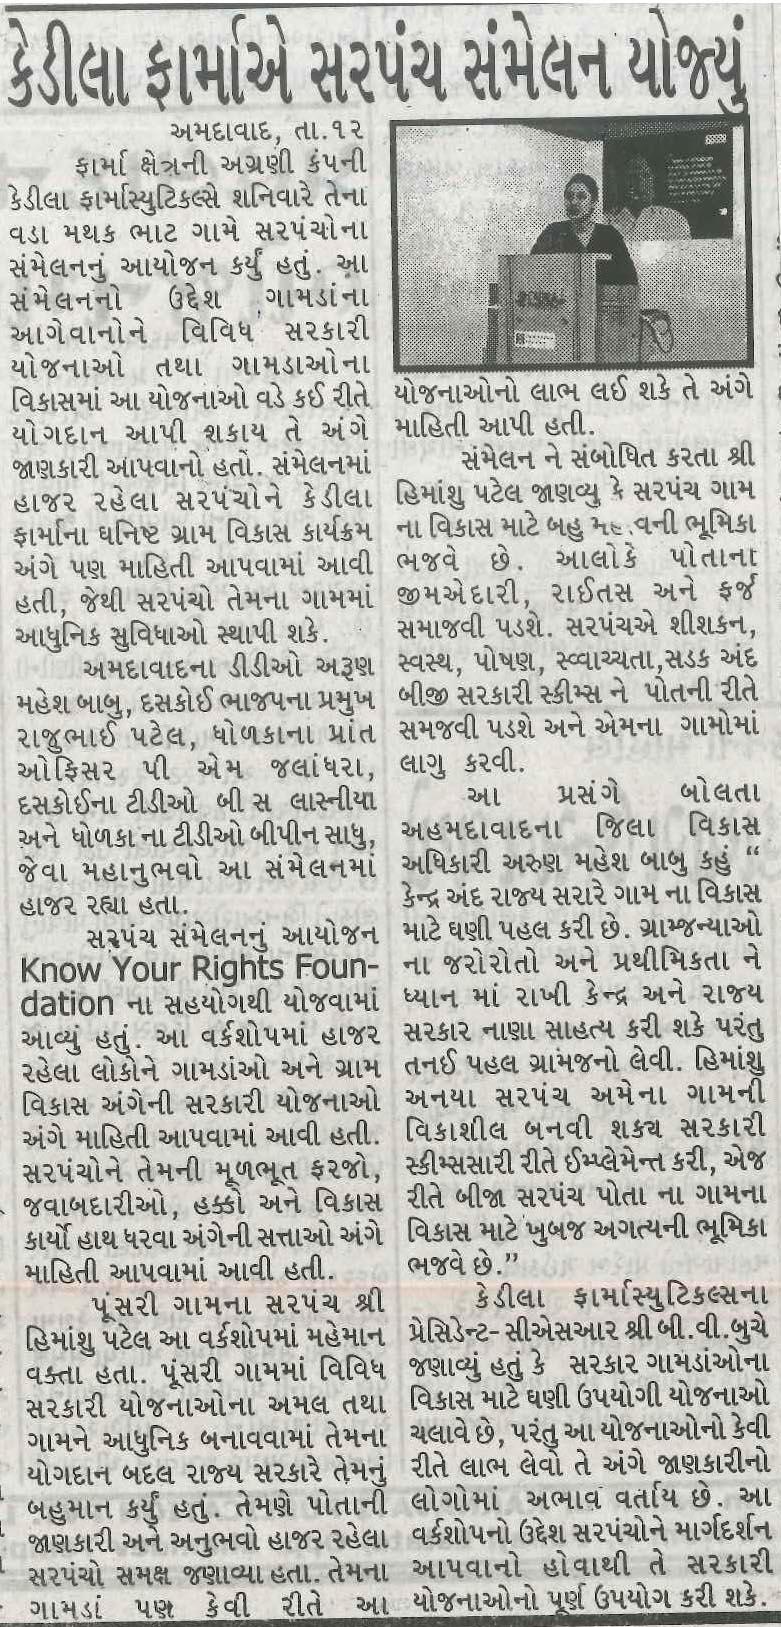 Karnavati Express Coverage